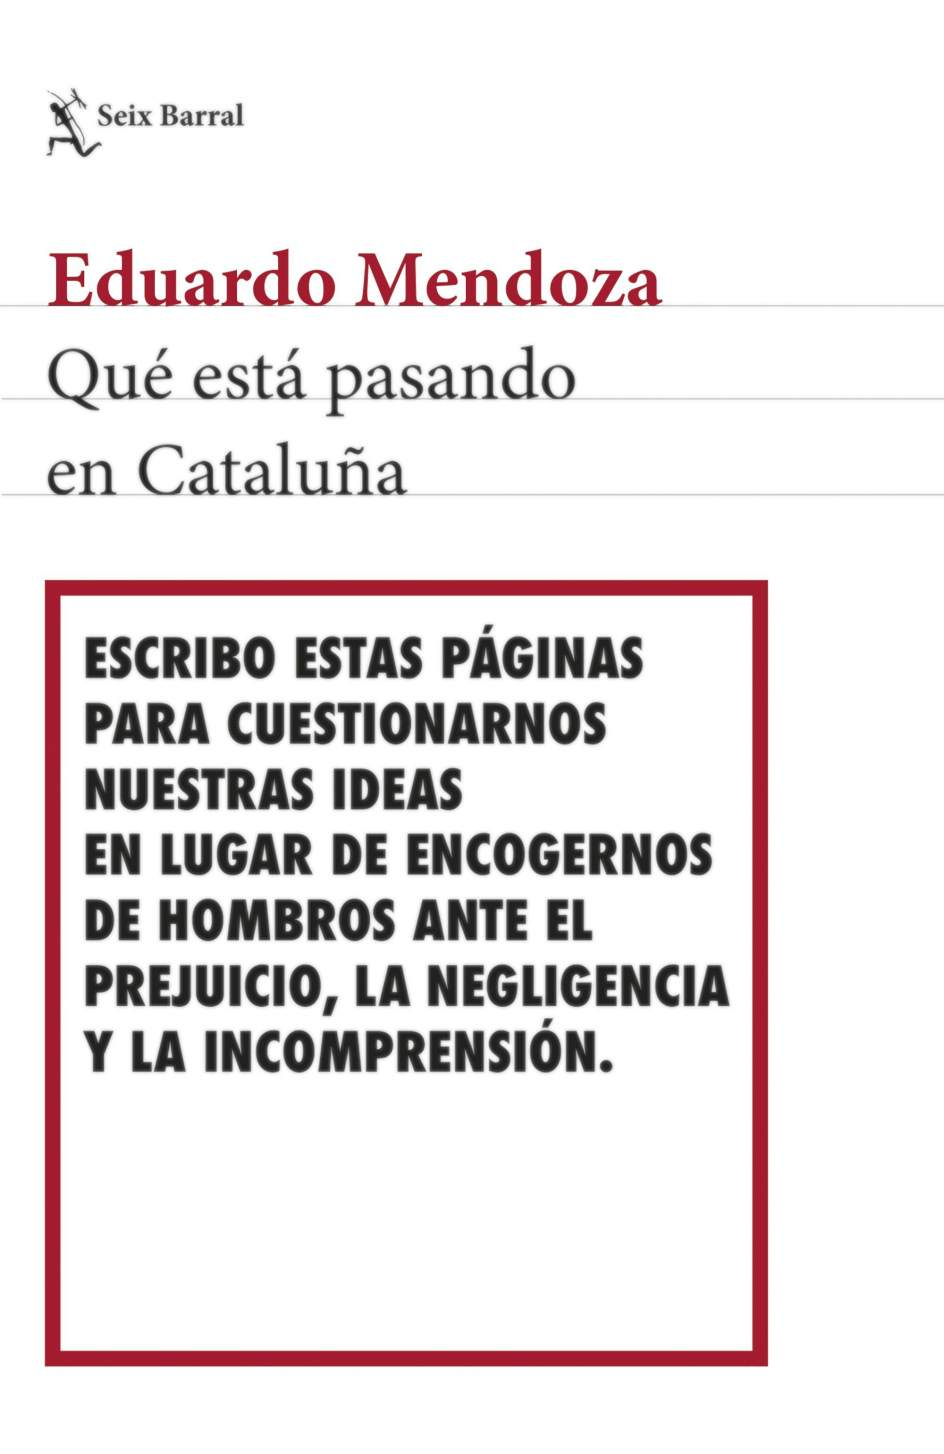 Resultado de imagen de que esta pasando en cataluña eduardo mendoza